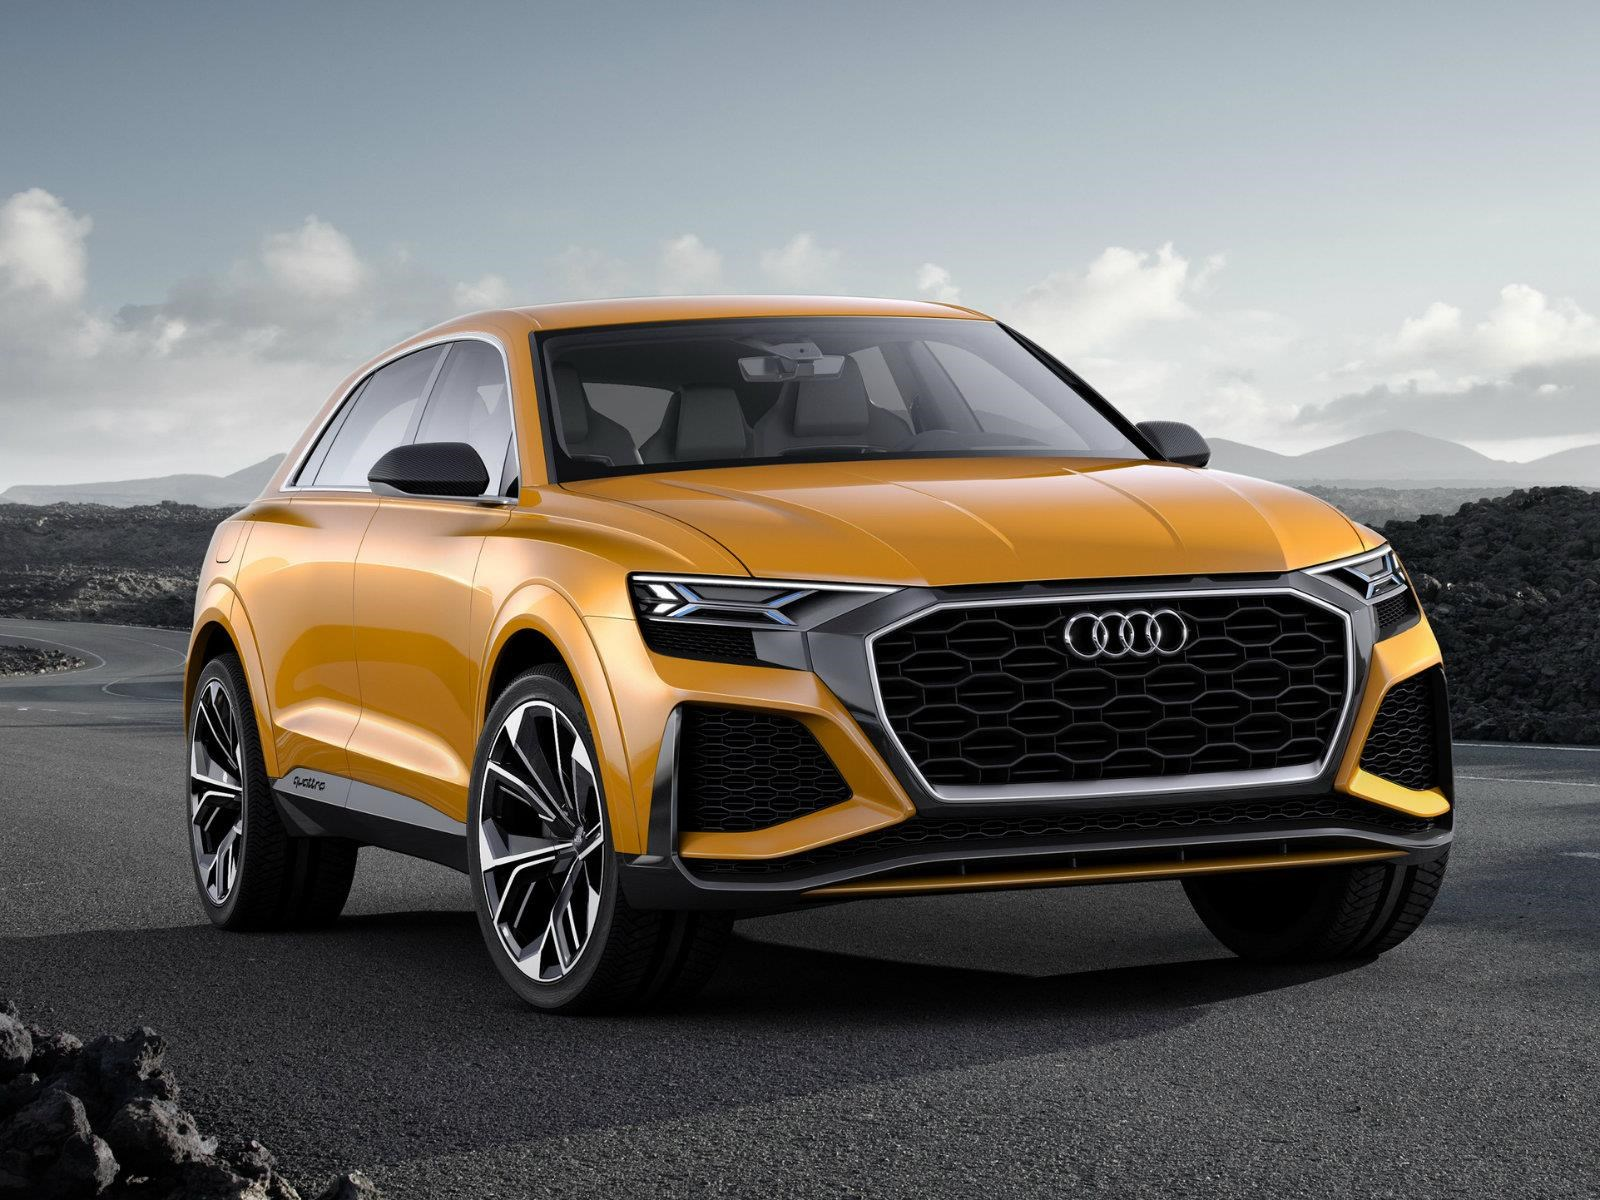 La familia Q de Audi agregará nuevos modelos